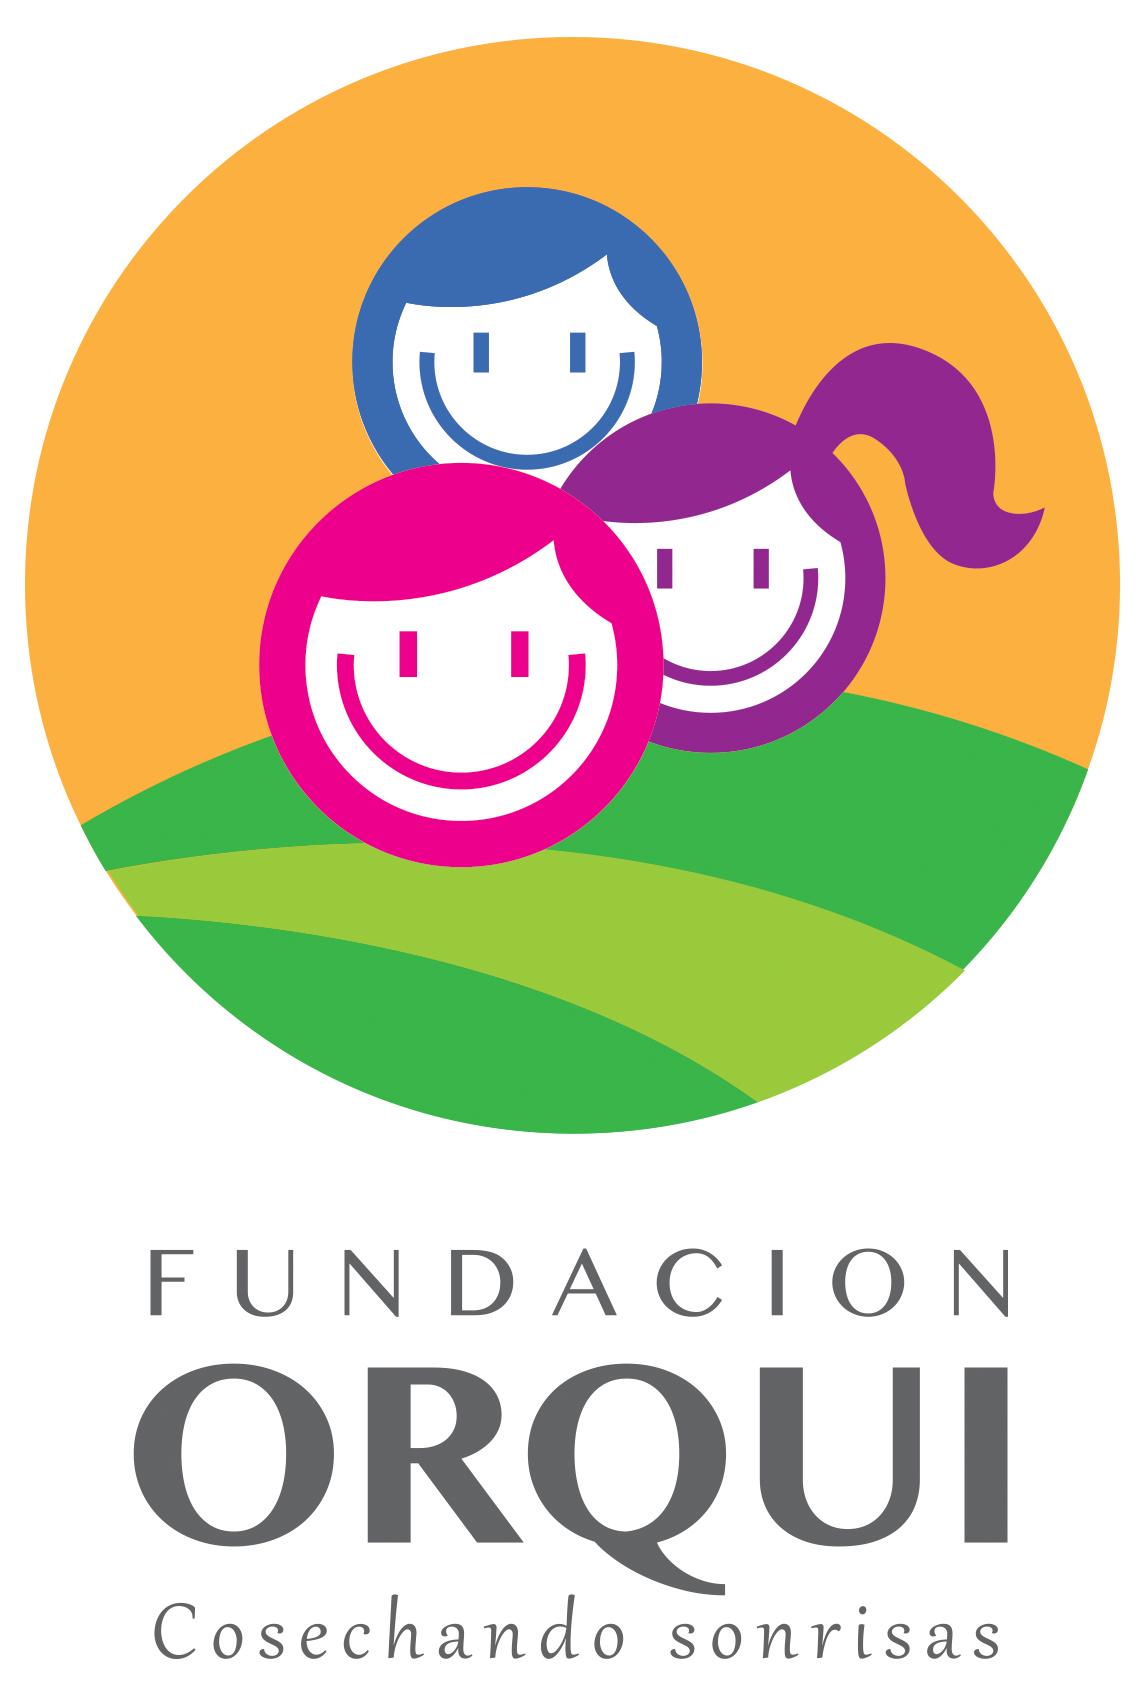 Fundación ORQUI: Apoya a familias de los campos agrícolas